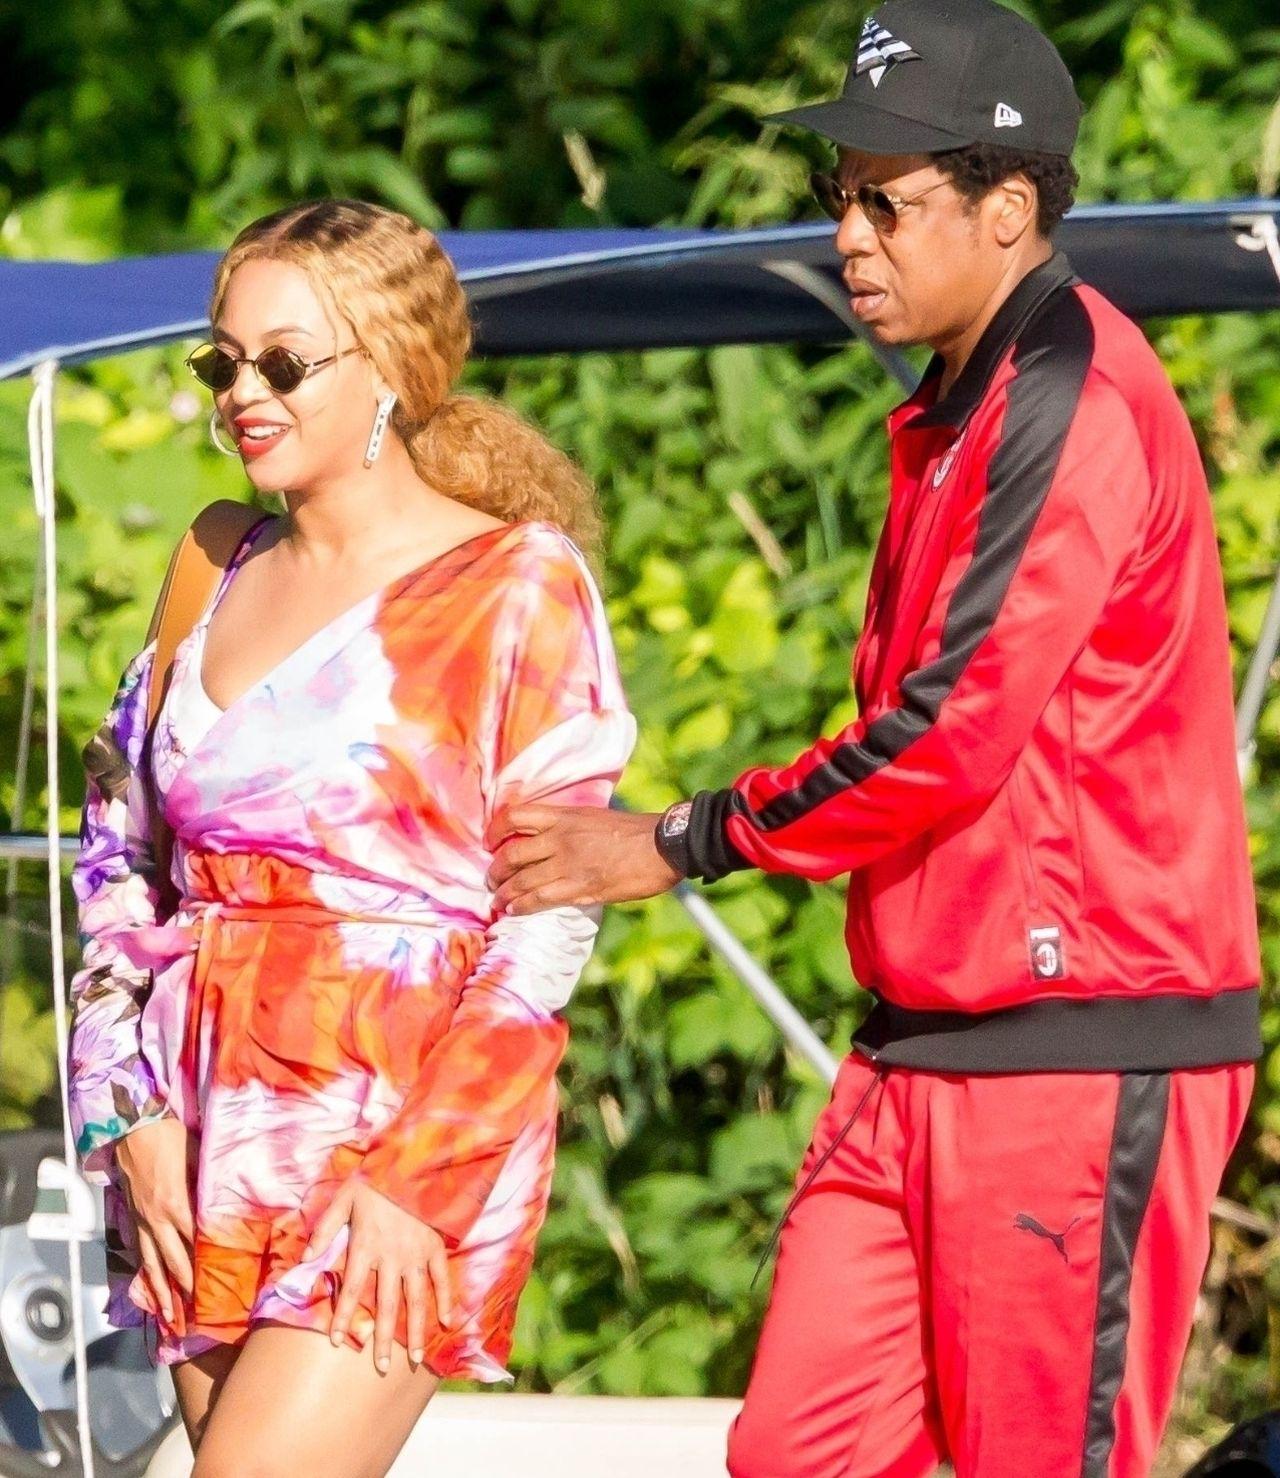 Jay Z pilnuje, by Beyonce nie poślizgnęła się w drodze na jacht